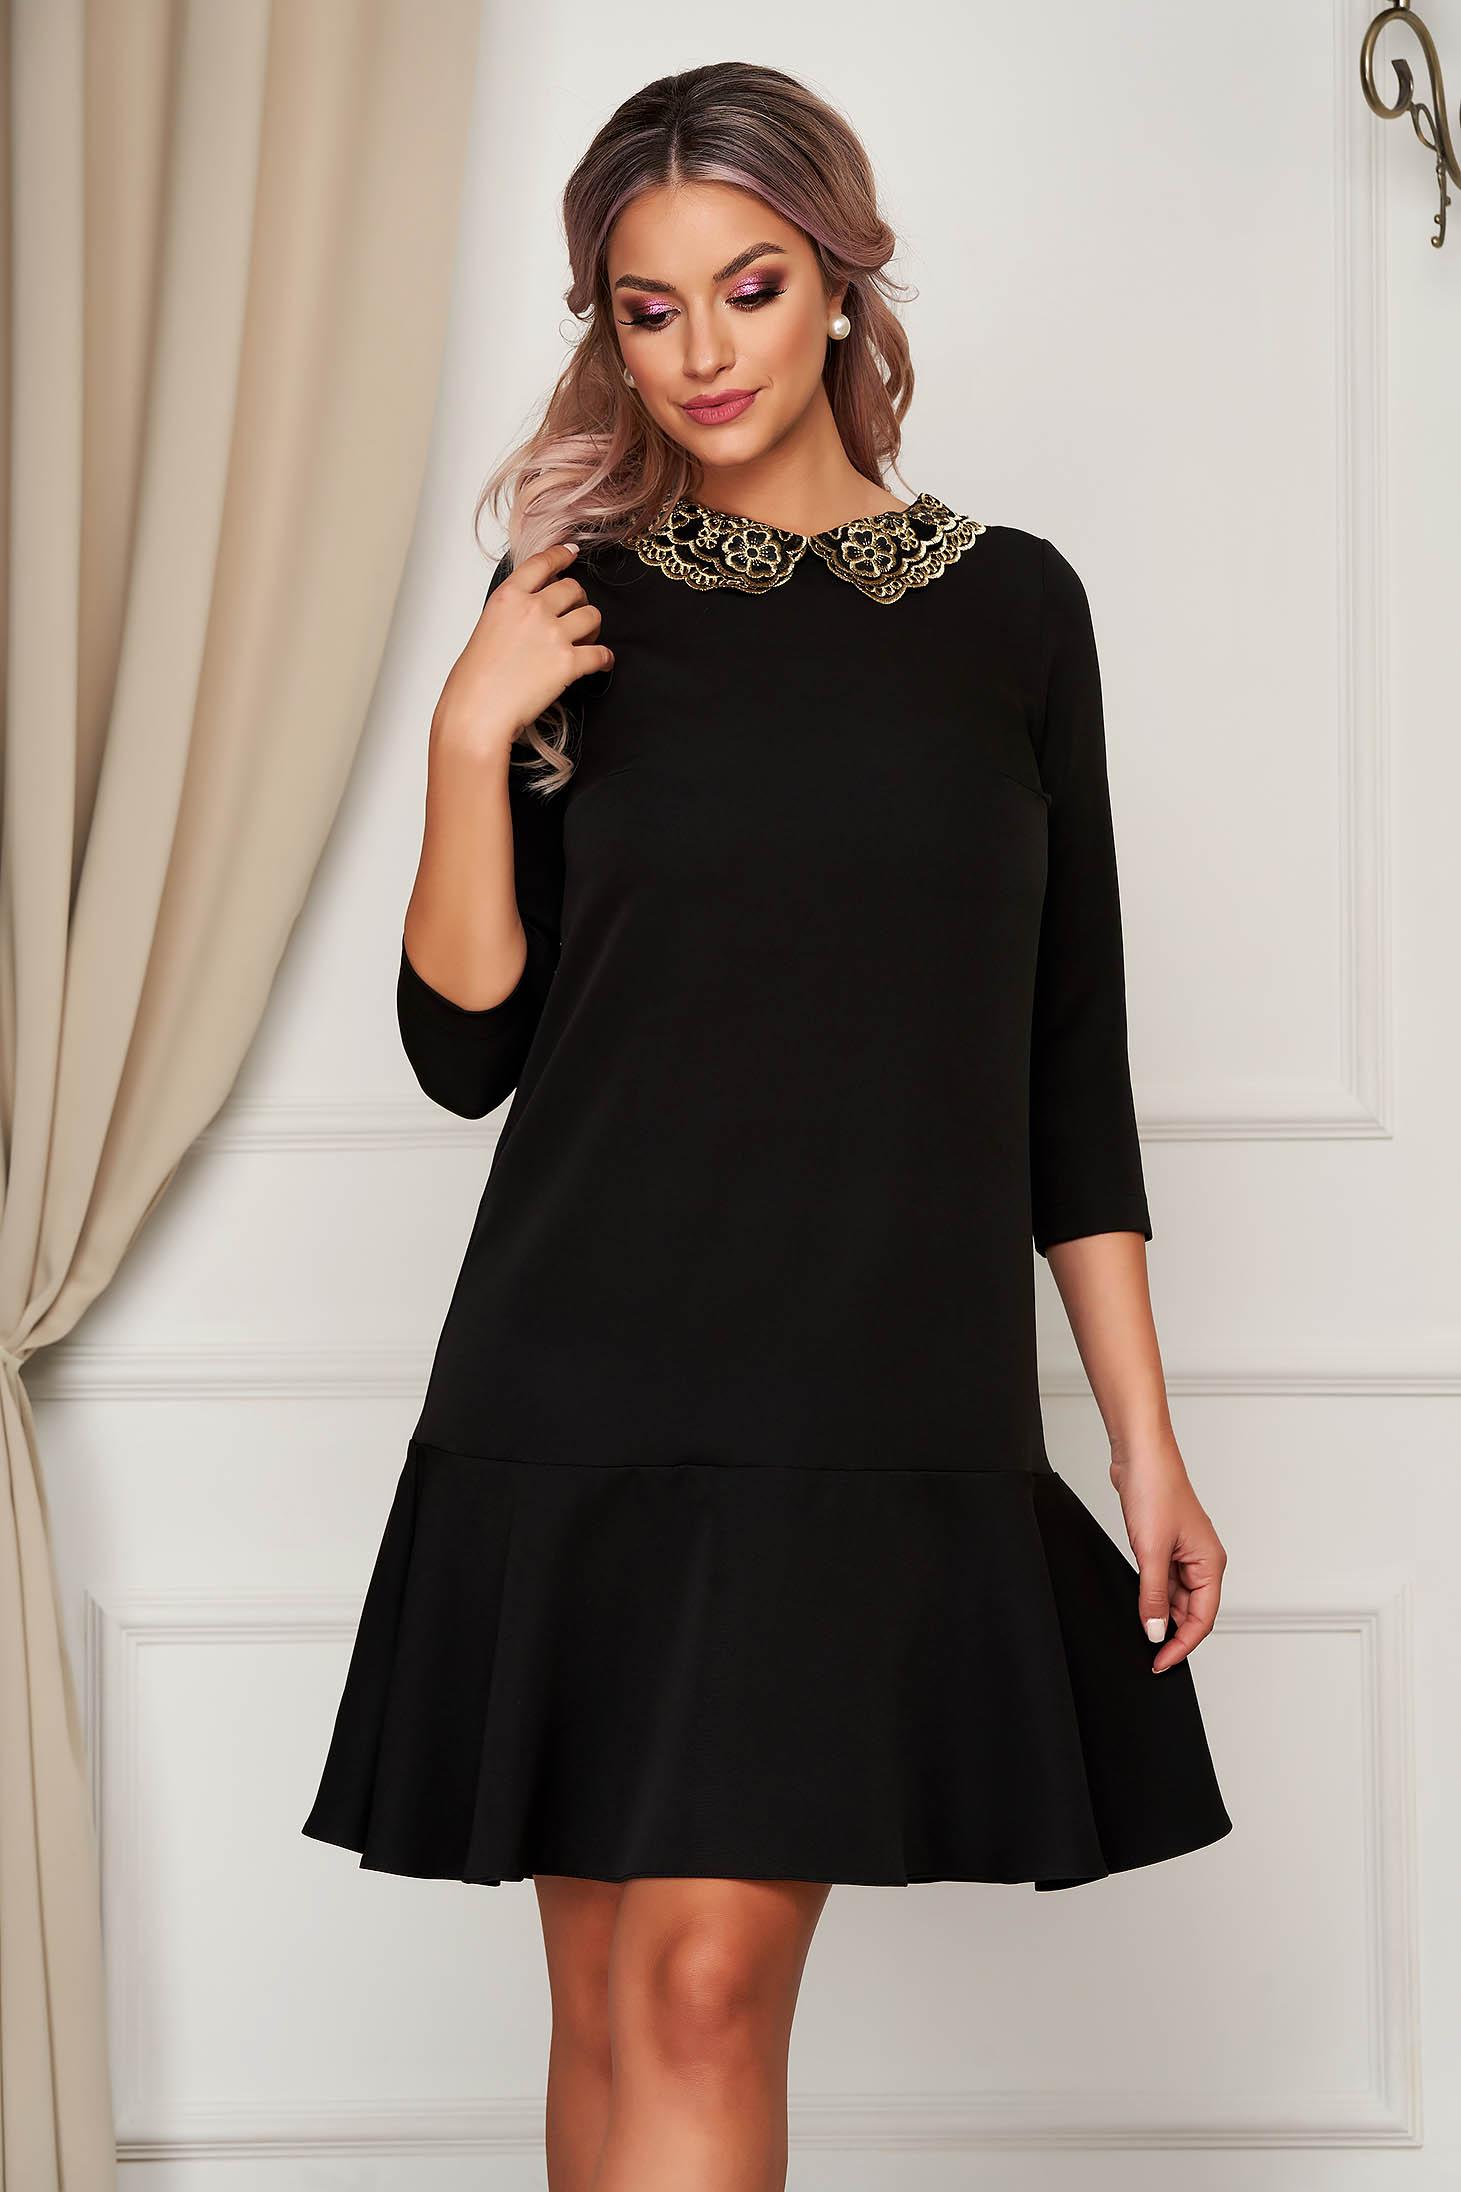 Rochie StarShinerS neagra eleganta cu croi larg din stofa usor elastica cu guler cu insertii de broderie